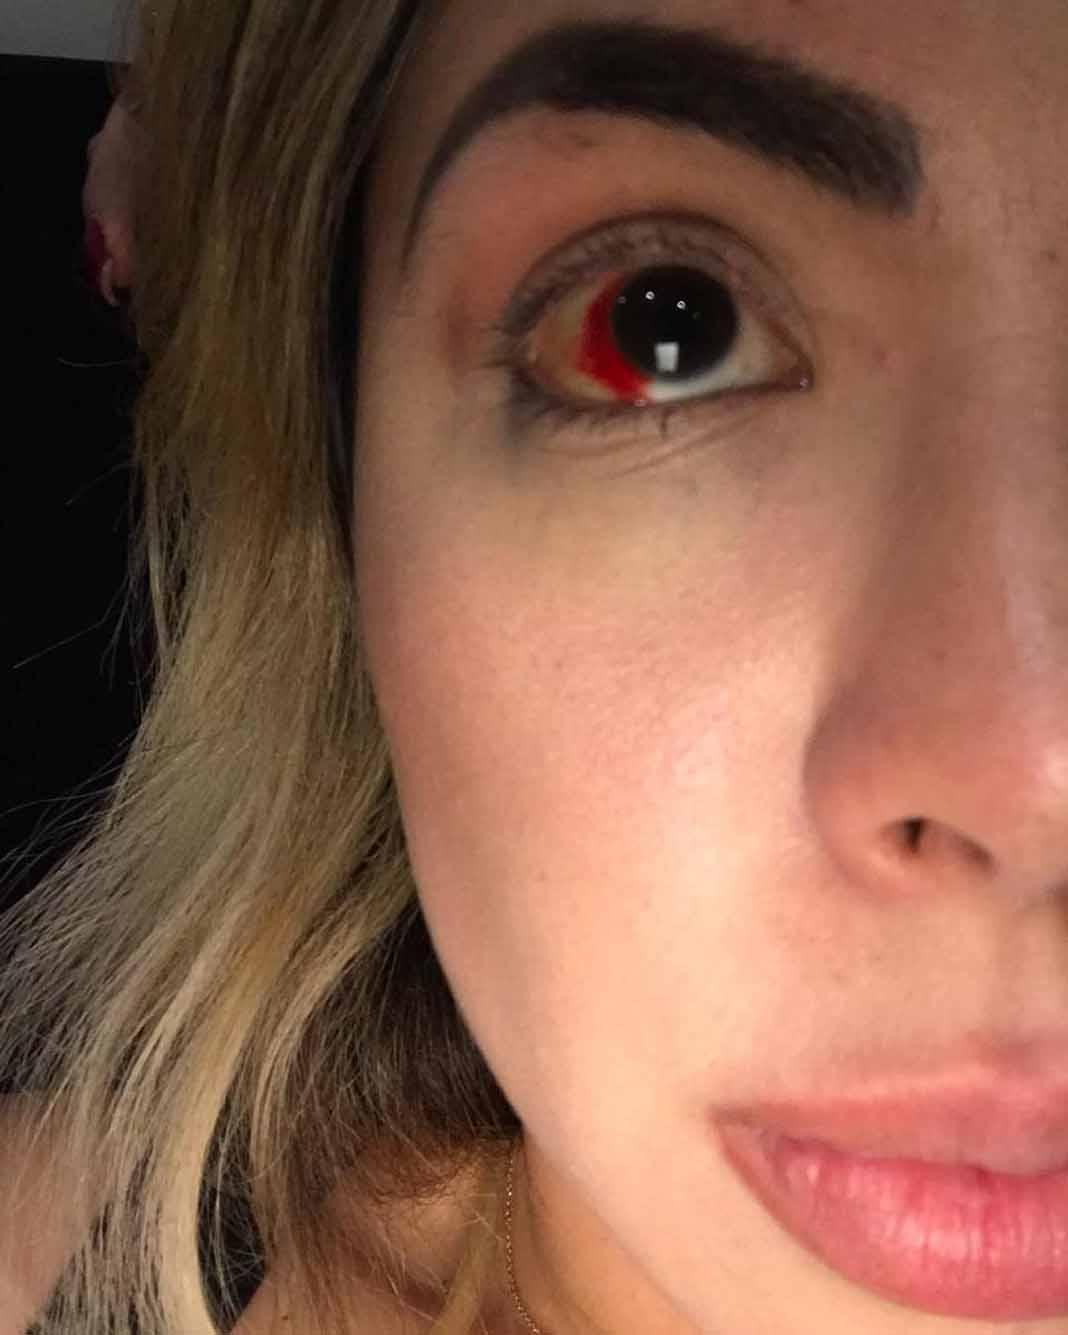 El derrame ocular tardará varios días en desaparecer